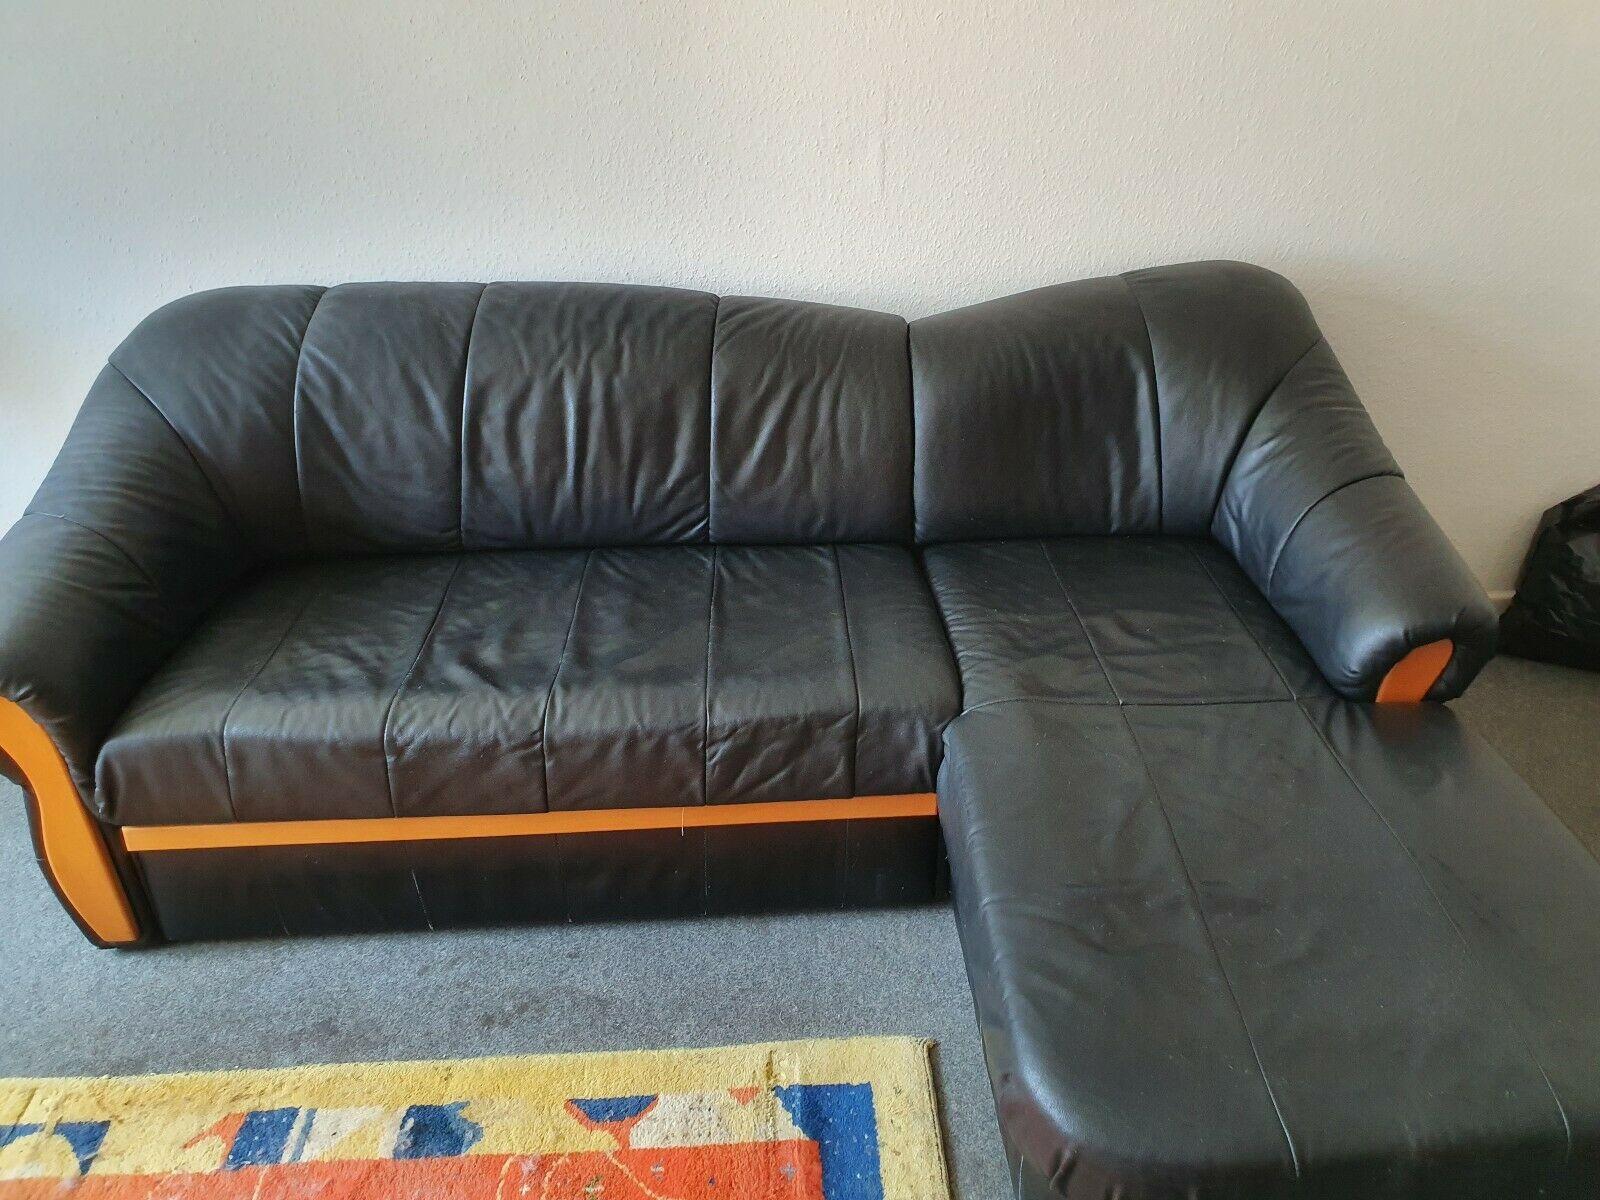 Full Size of Vicco Sofa Couch Ecksofa Houston Schlaffunktion Schlafsofa Schwarz Regal Günstig überwurf Karup Leinen Reiniger Bett 180x200 Xxl U Form Stoff Kaufen Barock Wohnzimmer Dauerschläfer Sofa Günstig